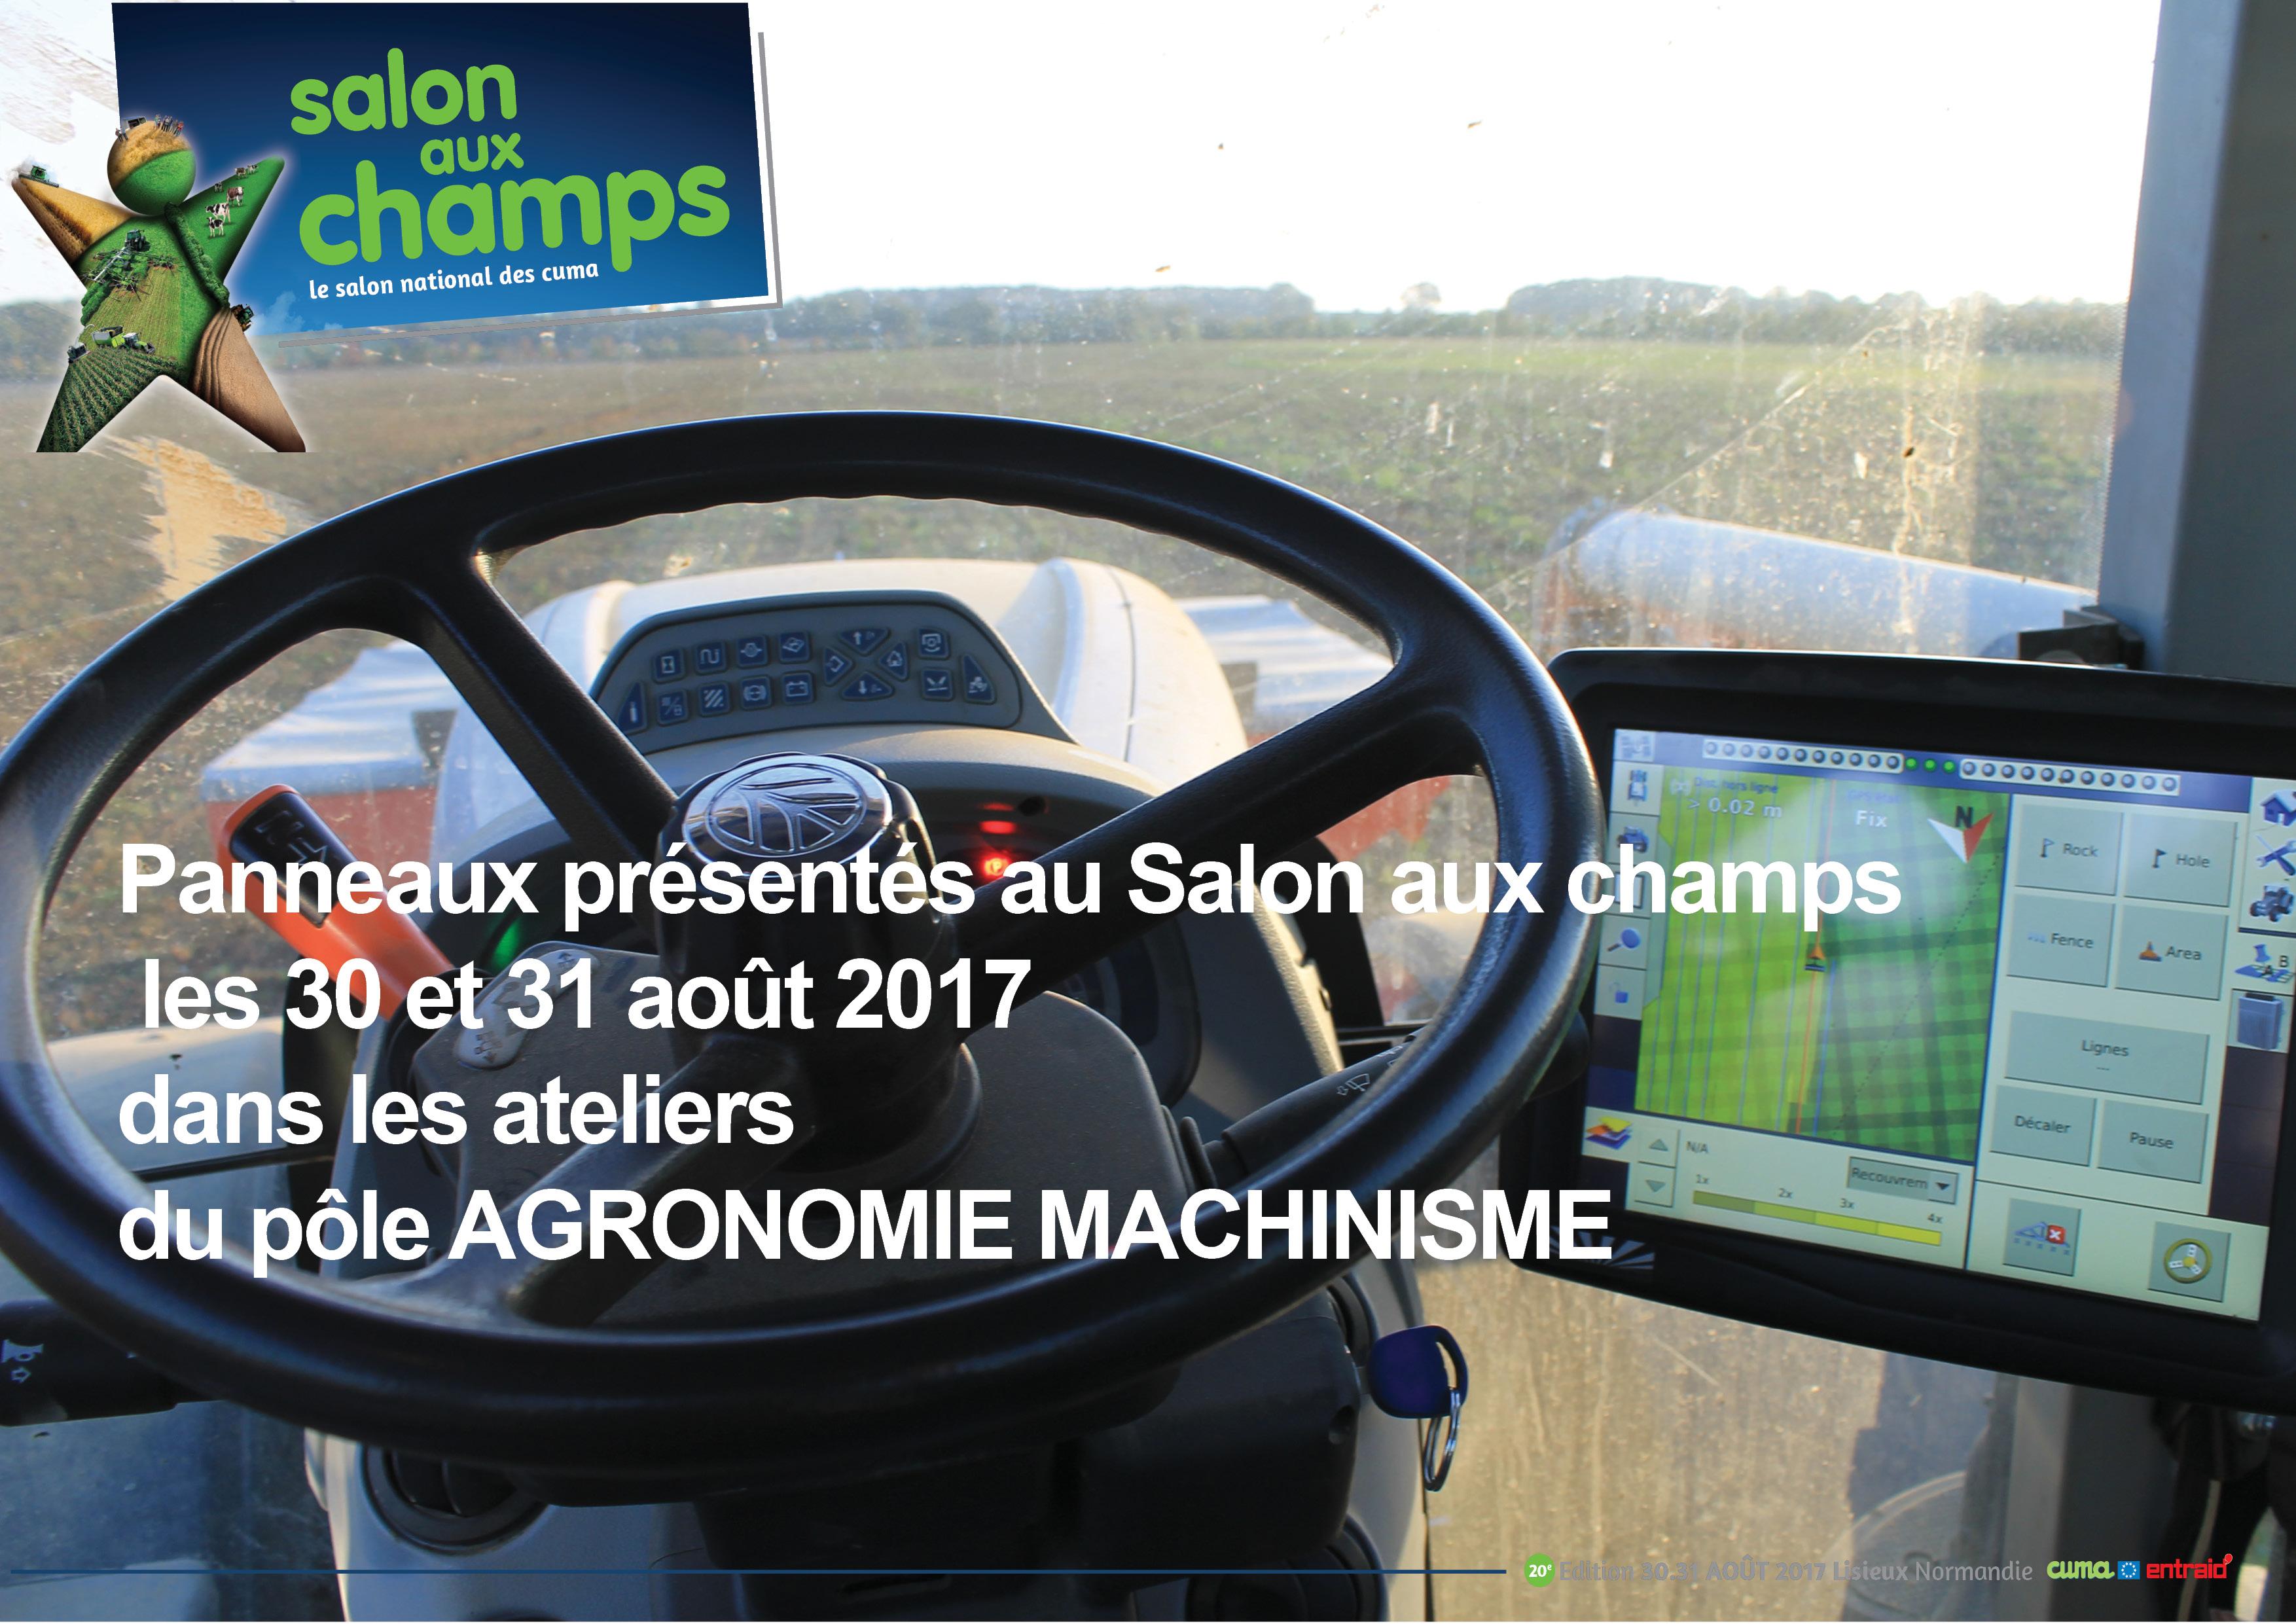 Agronomie machinisme panneaux salon aux champs 2017 for Salon aux champs